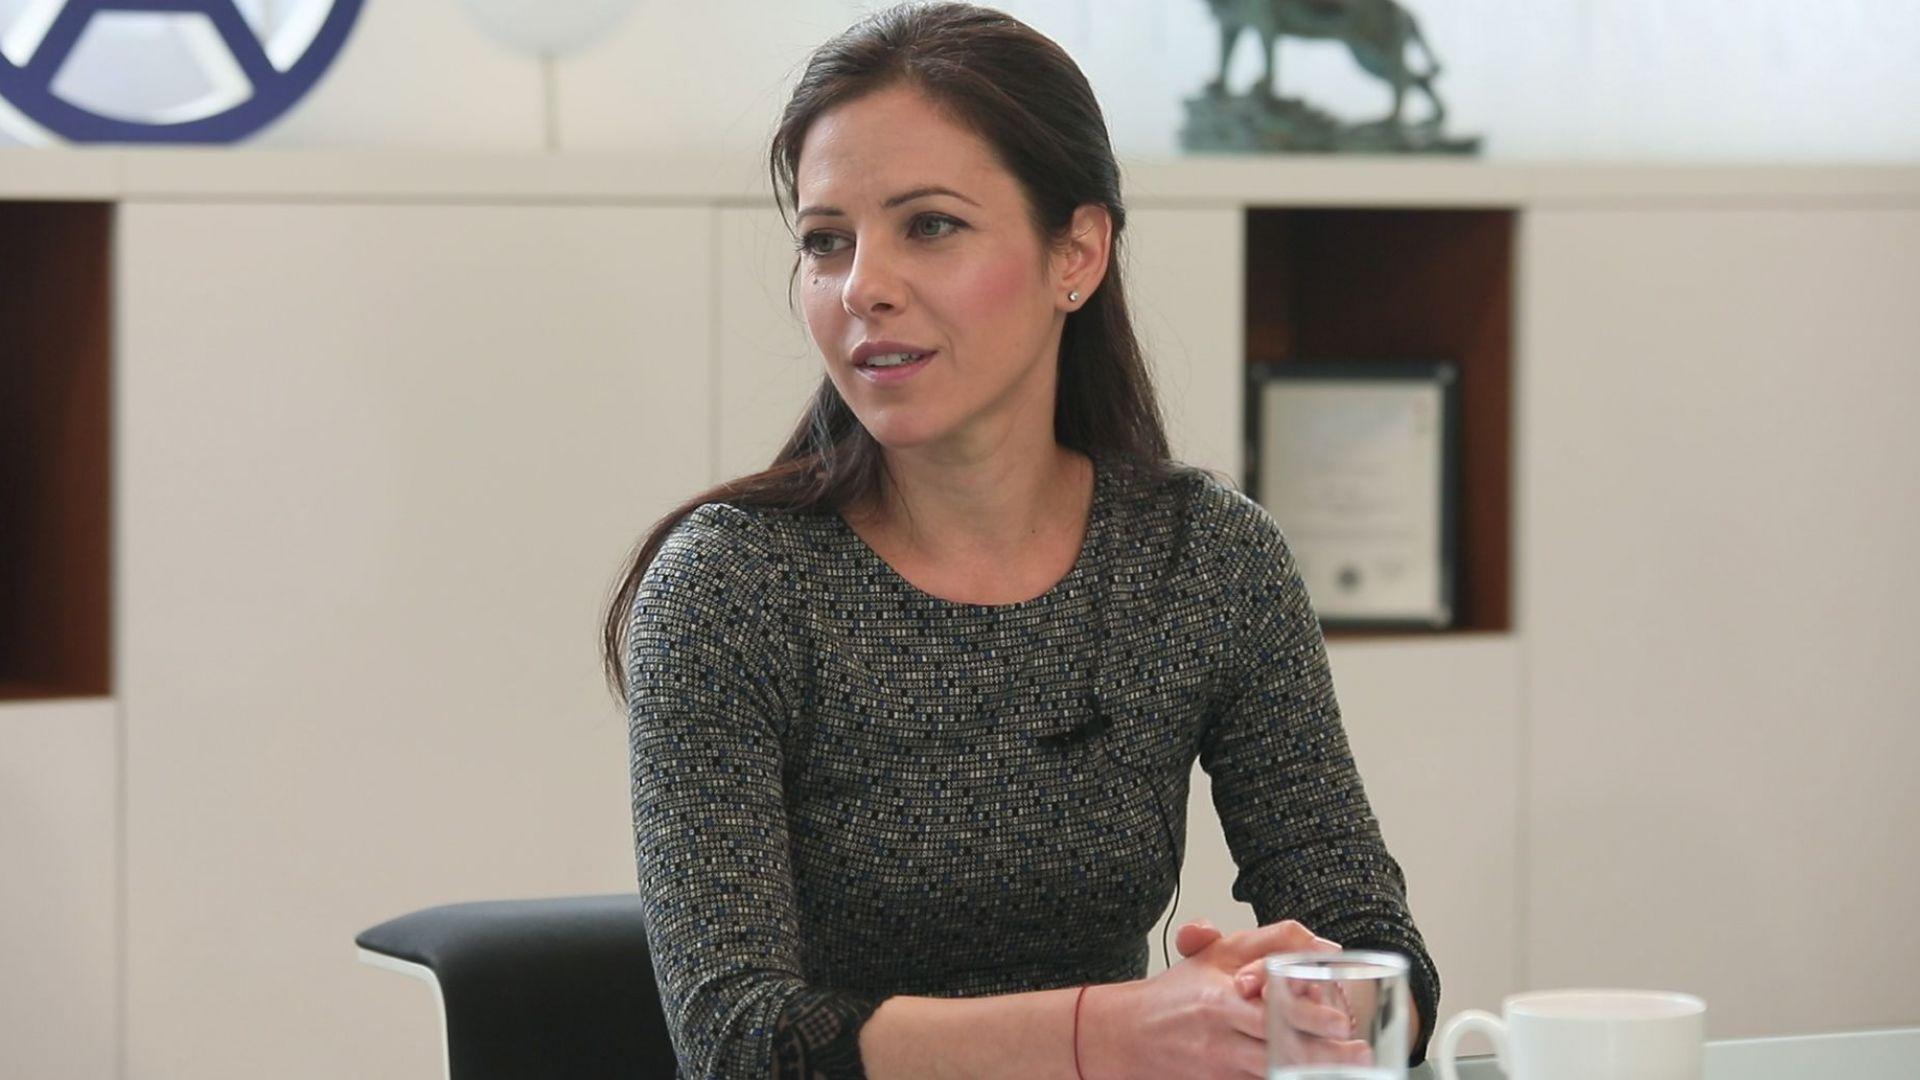 Д-р Ралица Йорданова пред Dir.bg: До края на годината ваксина срещу коронавирус няма да има